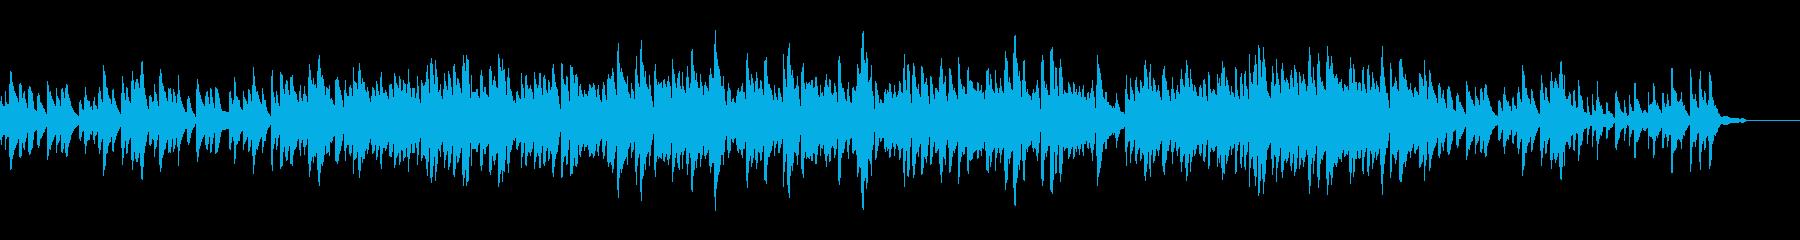 優しい感じのピアノソロの再生済みの波形